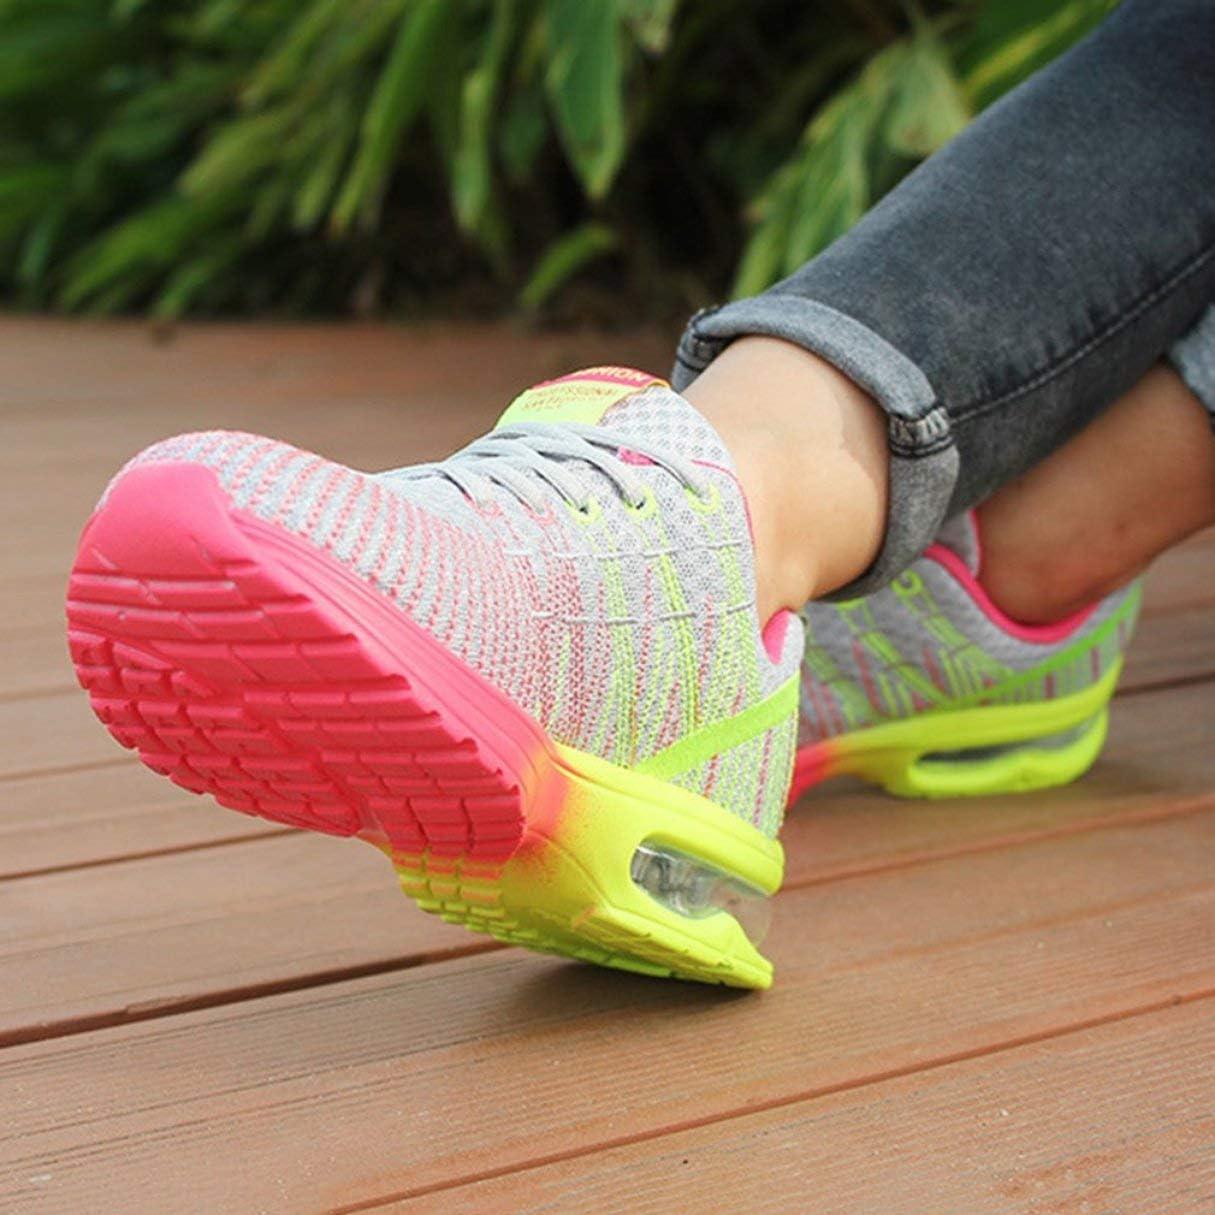 Celerhuak Ultra léger Respirant athlétique Course à Pied Marche Chaussures de Sport Femme en Plein air Jogging Marche athlétique à Lacets Chaussures de Course Gris